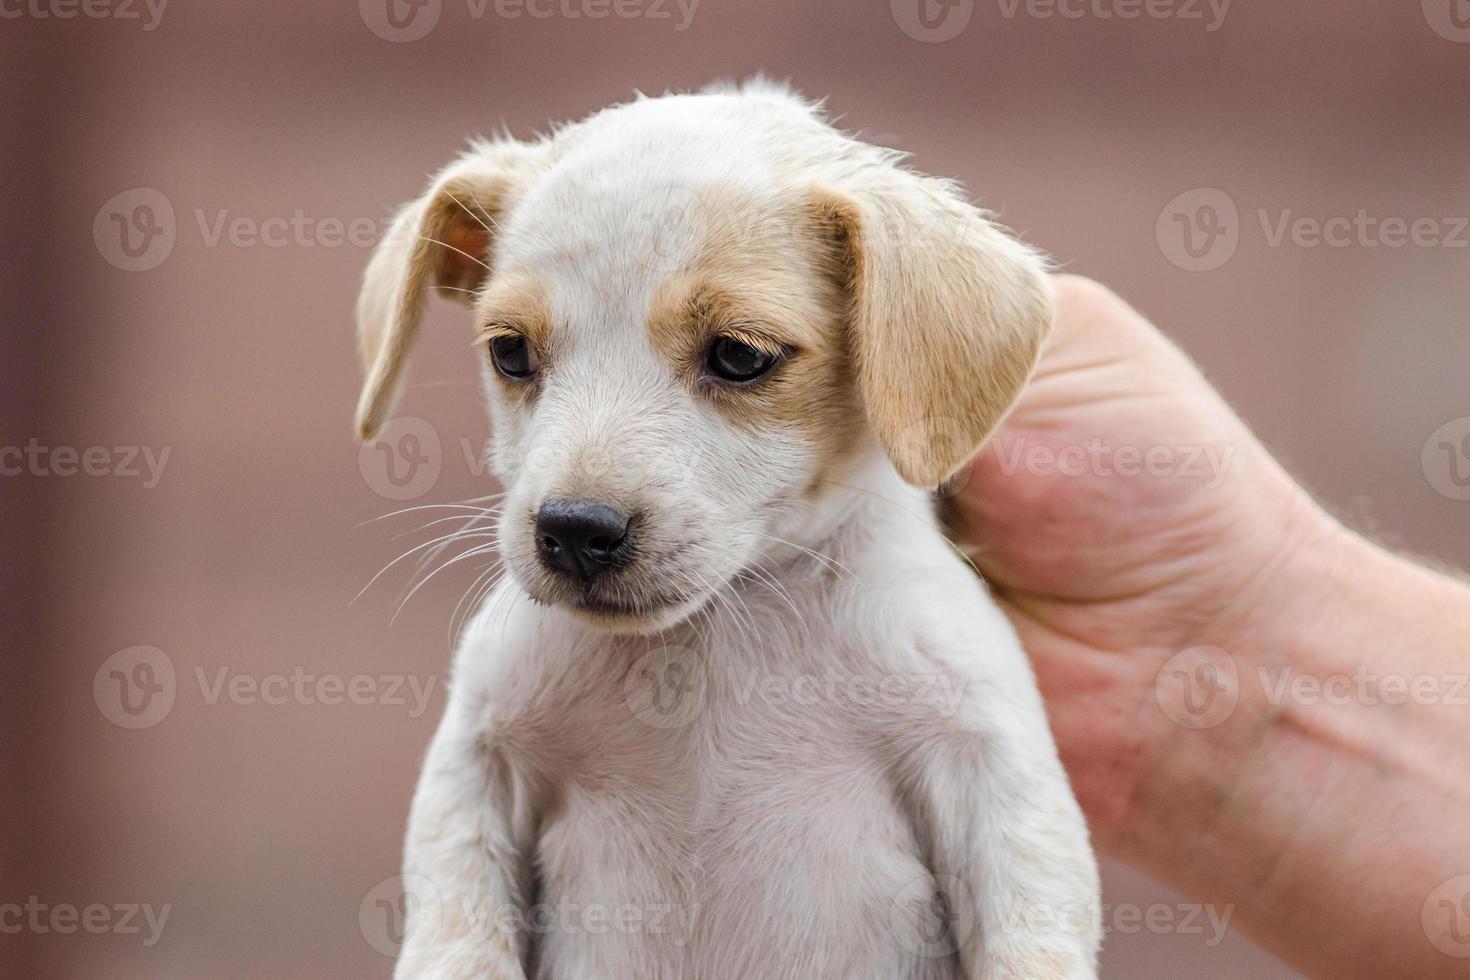 persoon met een puppy foto